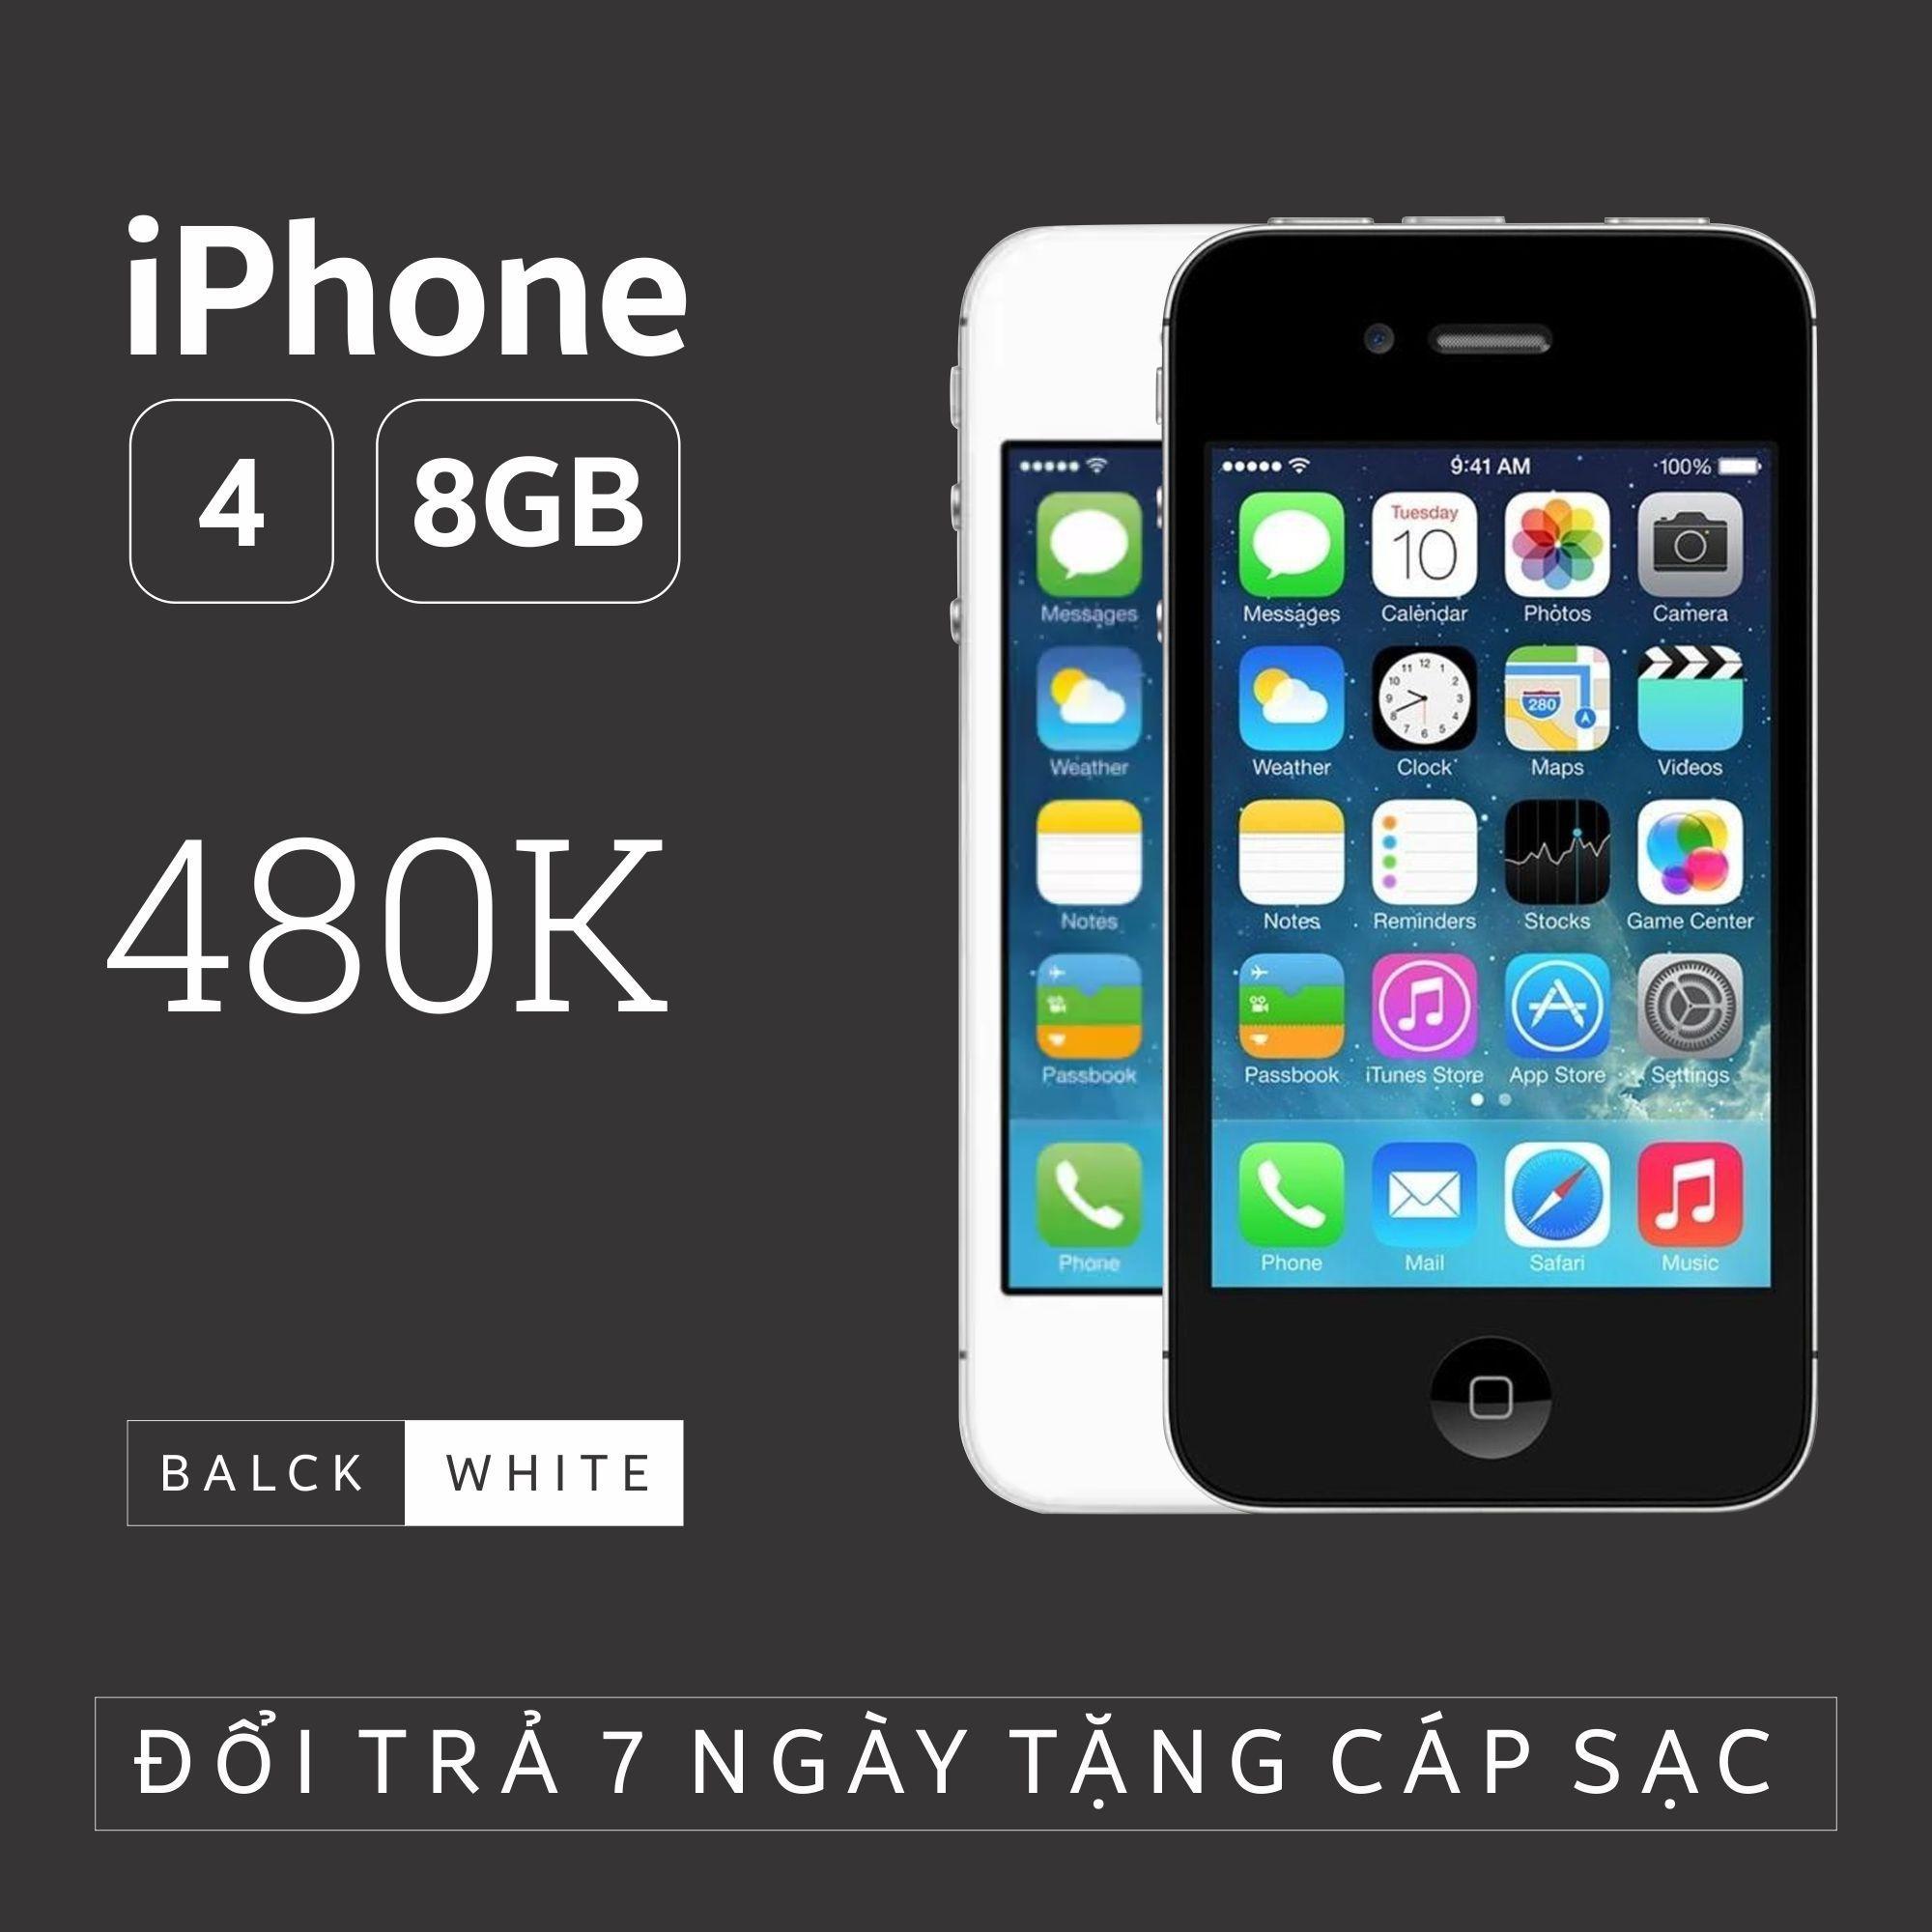 Điện thoại smart phone giá rẻ Ifone 4 - 8GB phiên bản quốc tế - Everything store - Bao đổi trả (Màu ngẫu nhiên trắng/đen) - Tặng cáp sạc